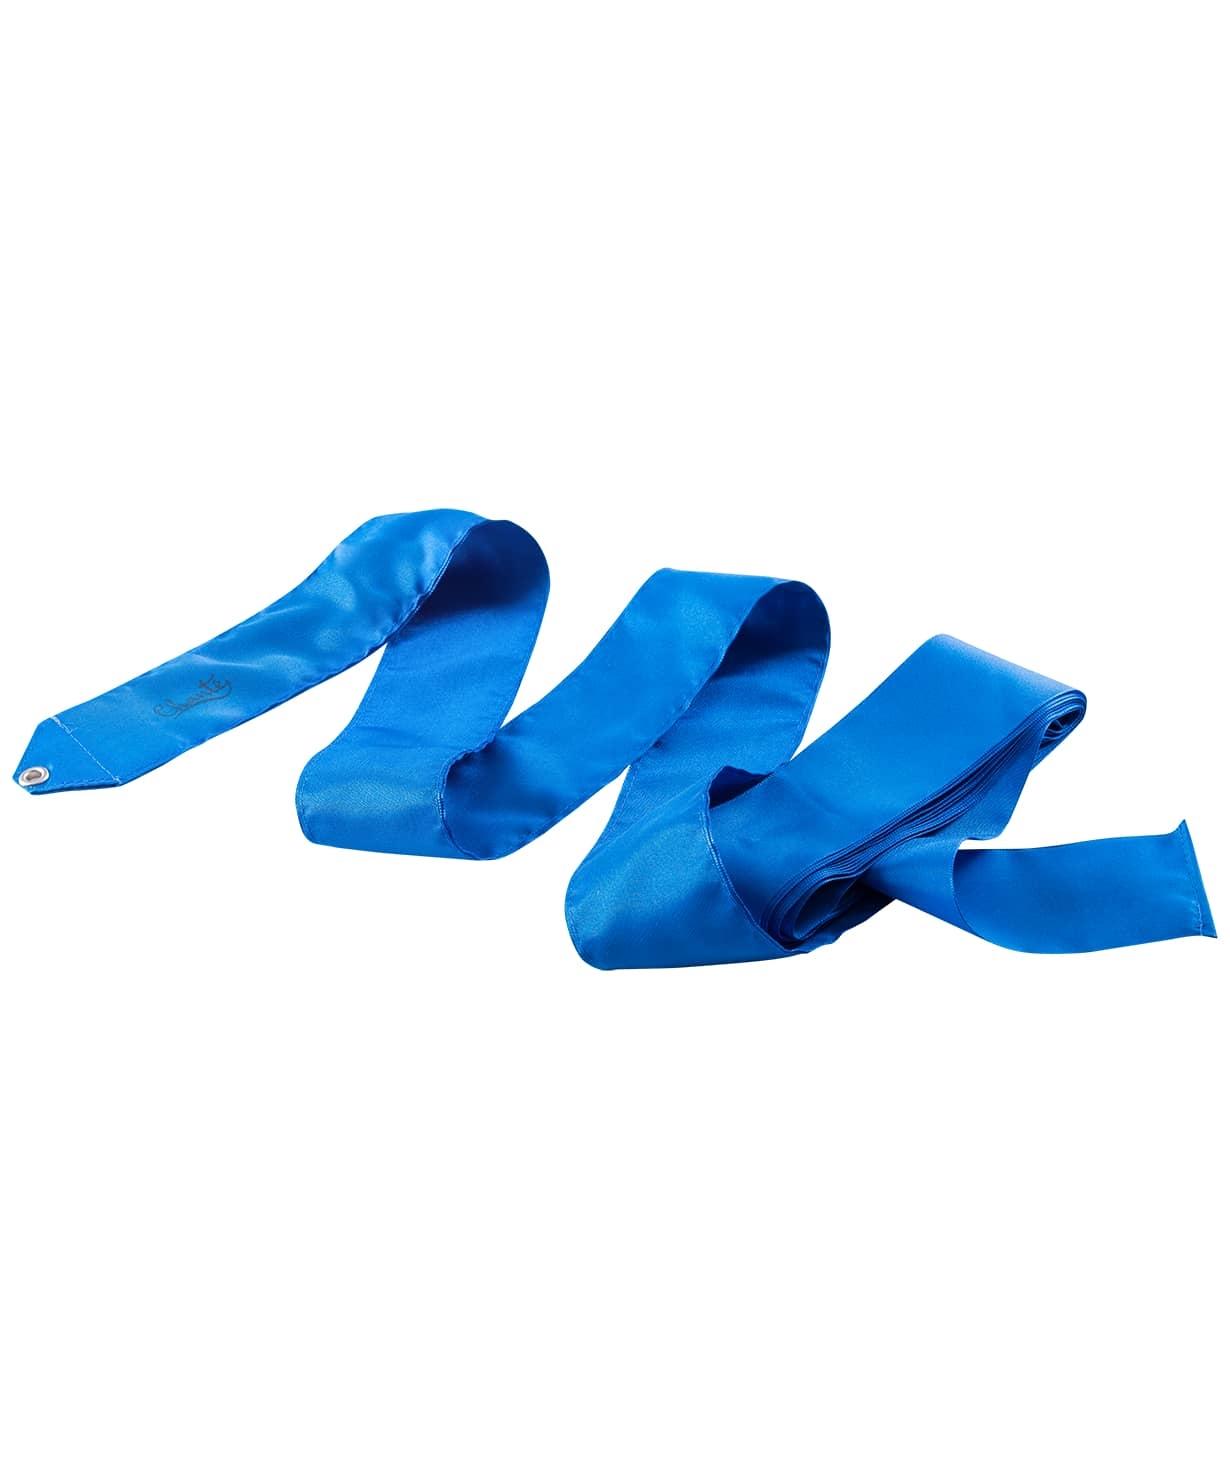 Лента для художественной гимнастики Voyage, 4 м, синяя